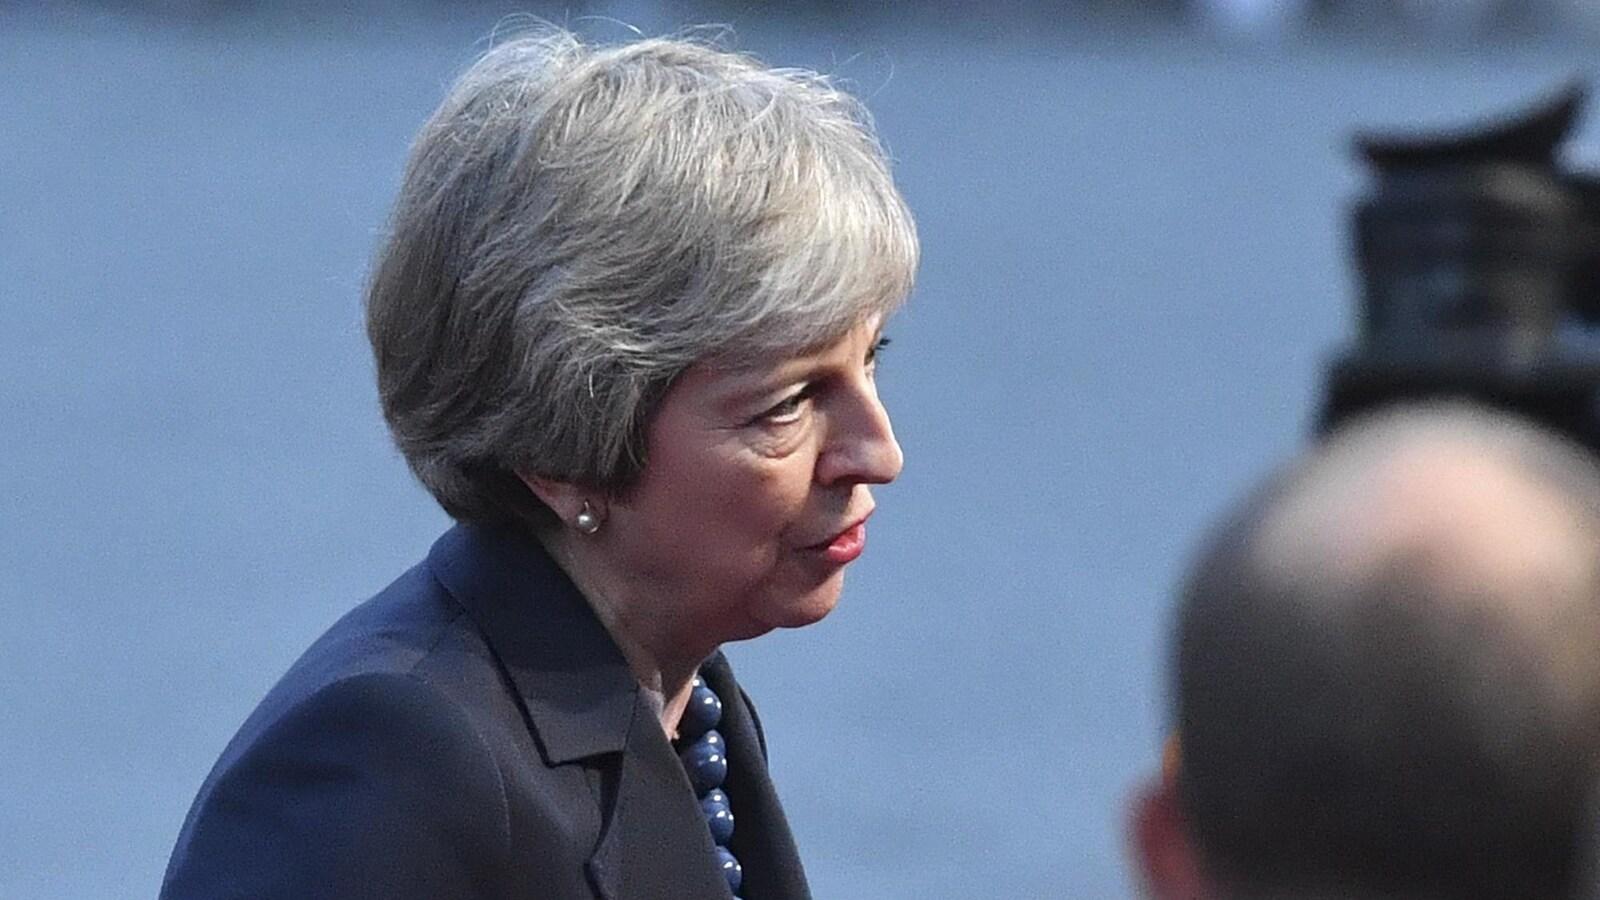 La première ministre britannique Theresa May répond aux journalistes à son arrivée au sommet informel de l'UE à Salzbourg, en Autriche, le mercredi 19 septembre 2018.